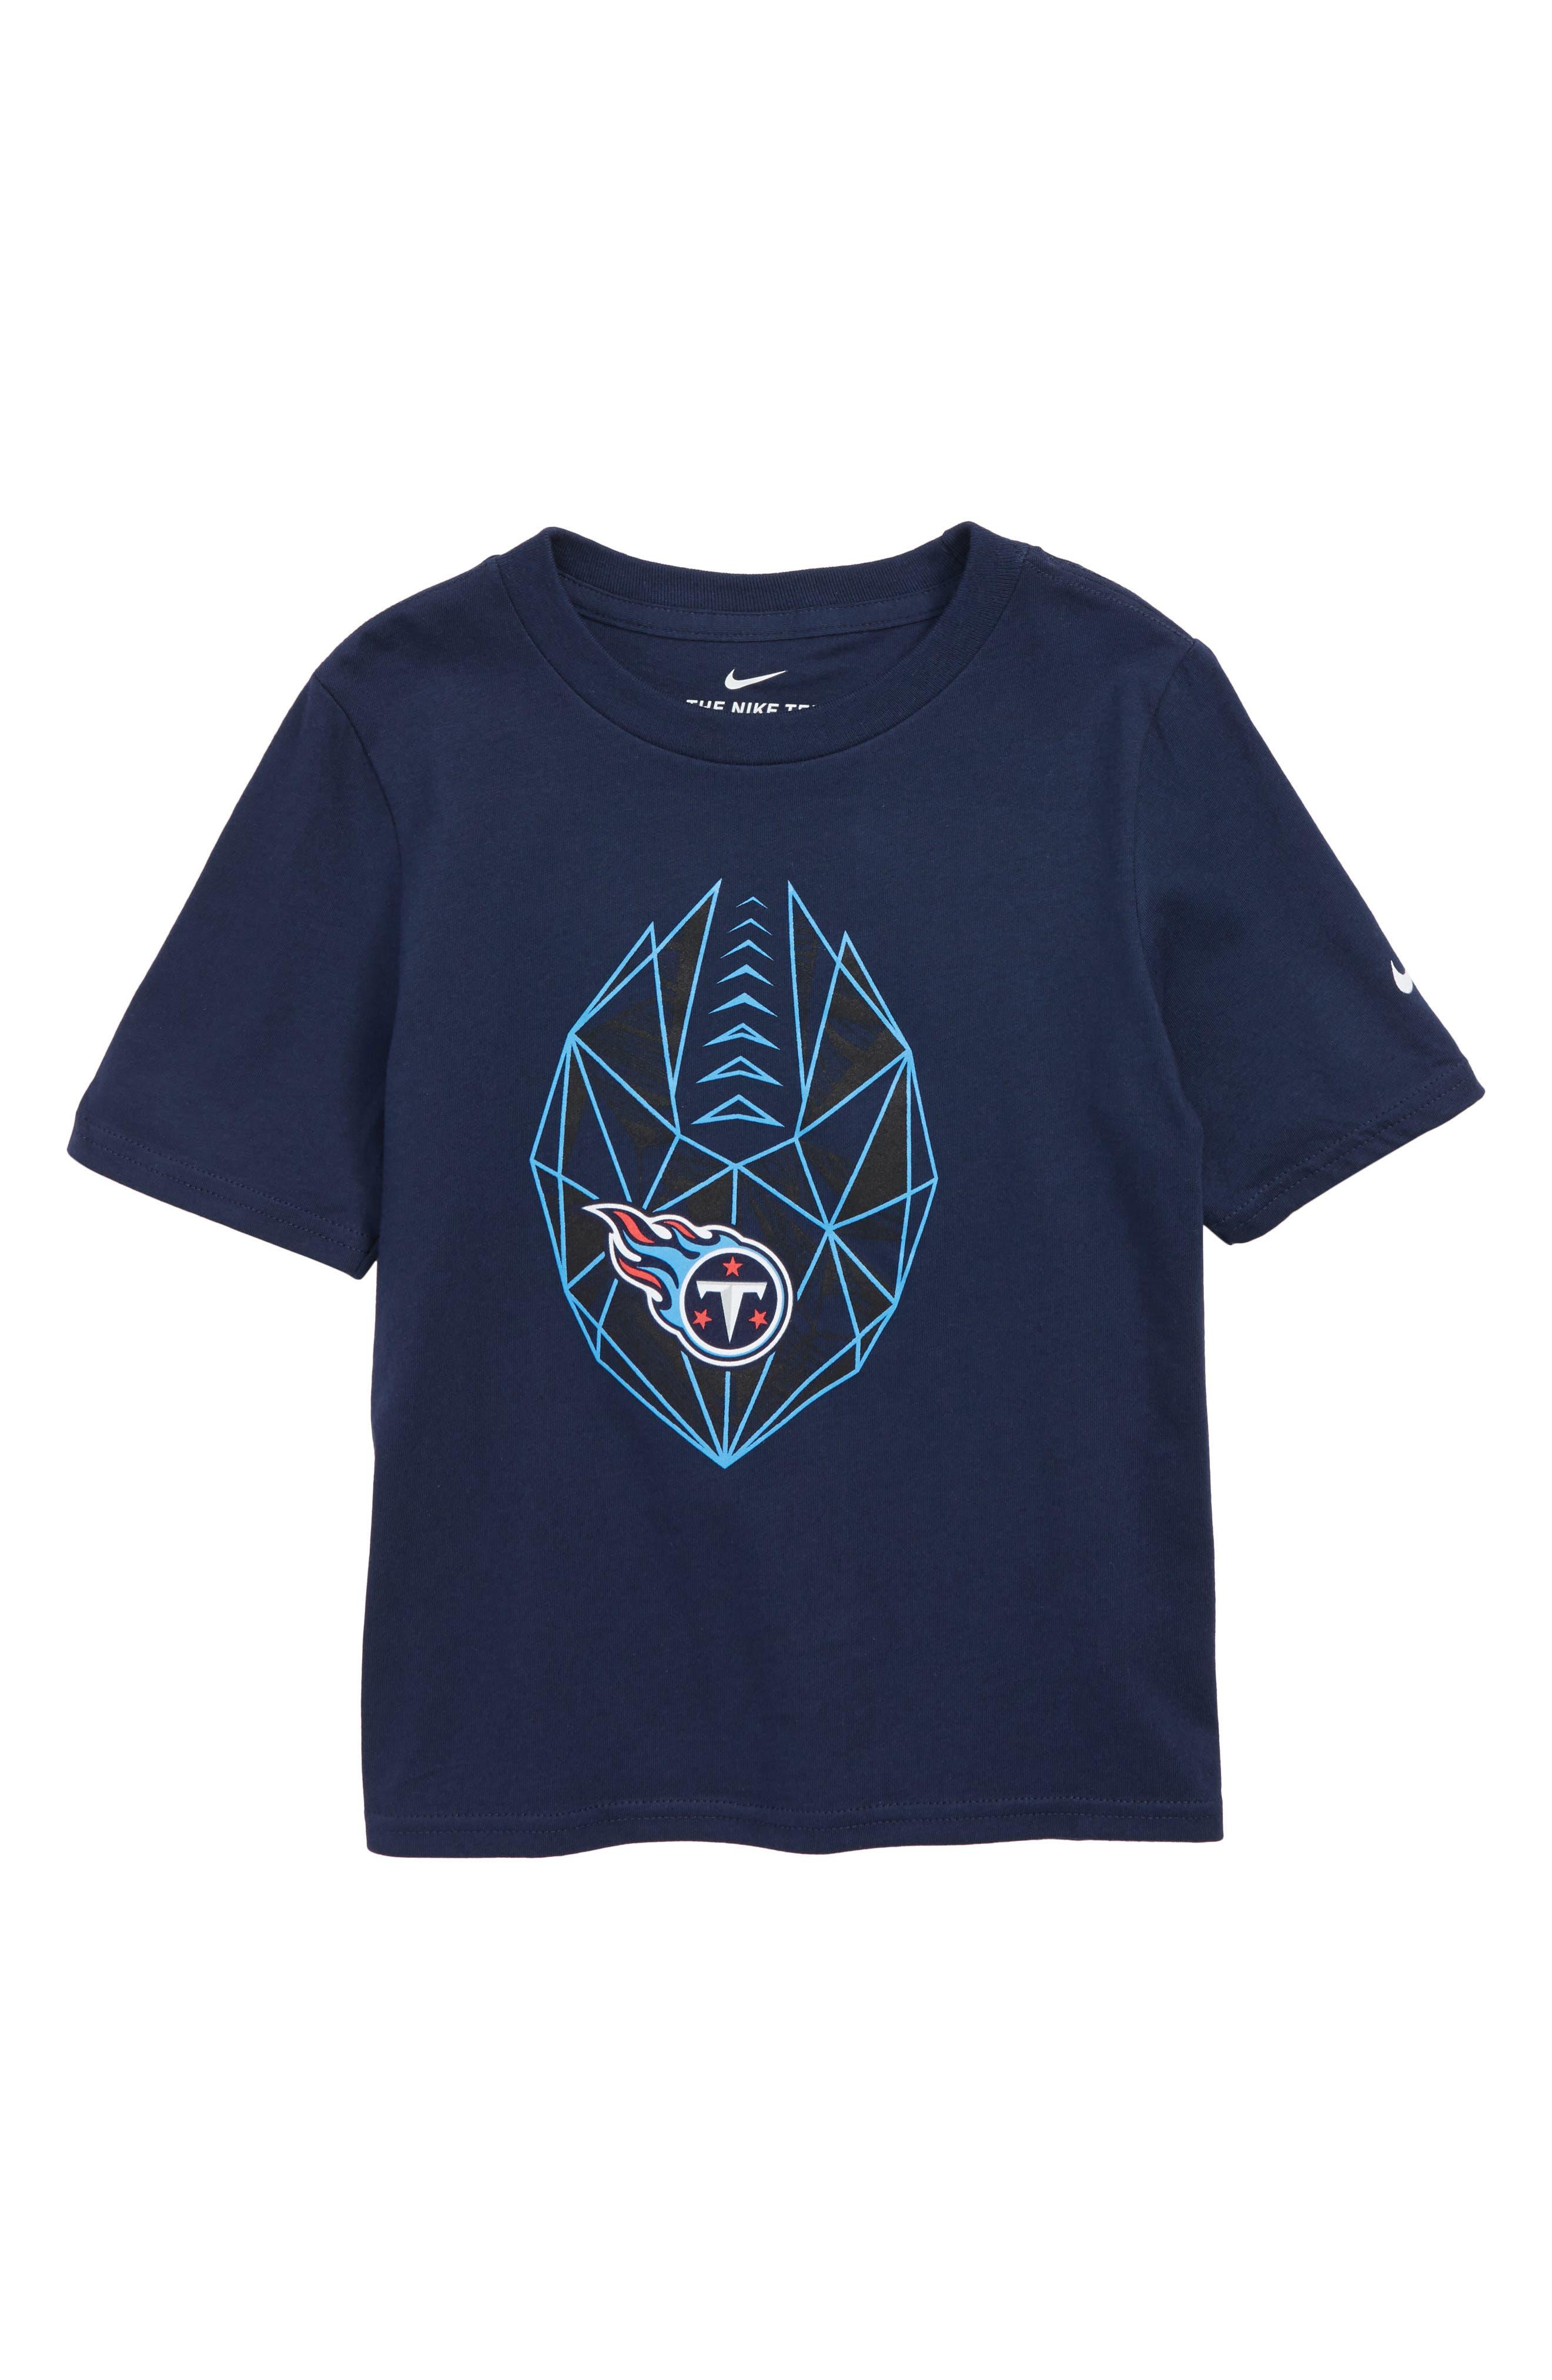 NFL Legend NFL Titans T-Shirt,                         Main,                         color, NAVY